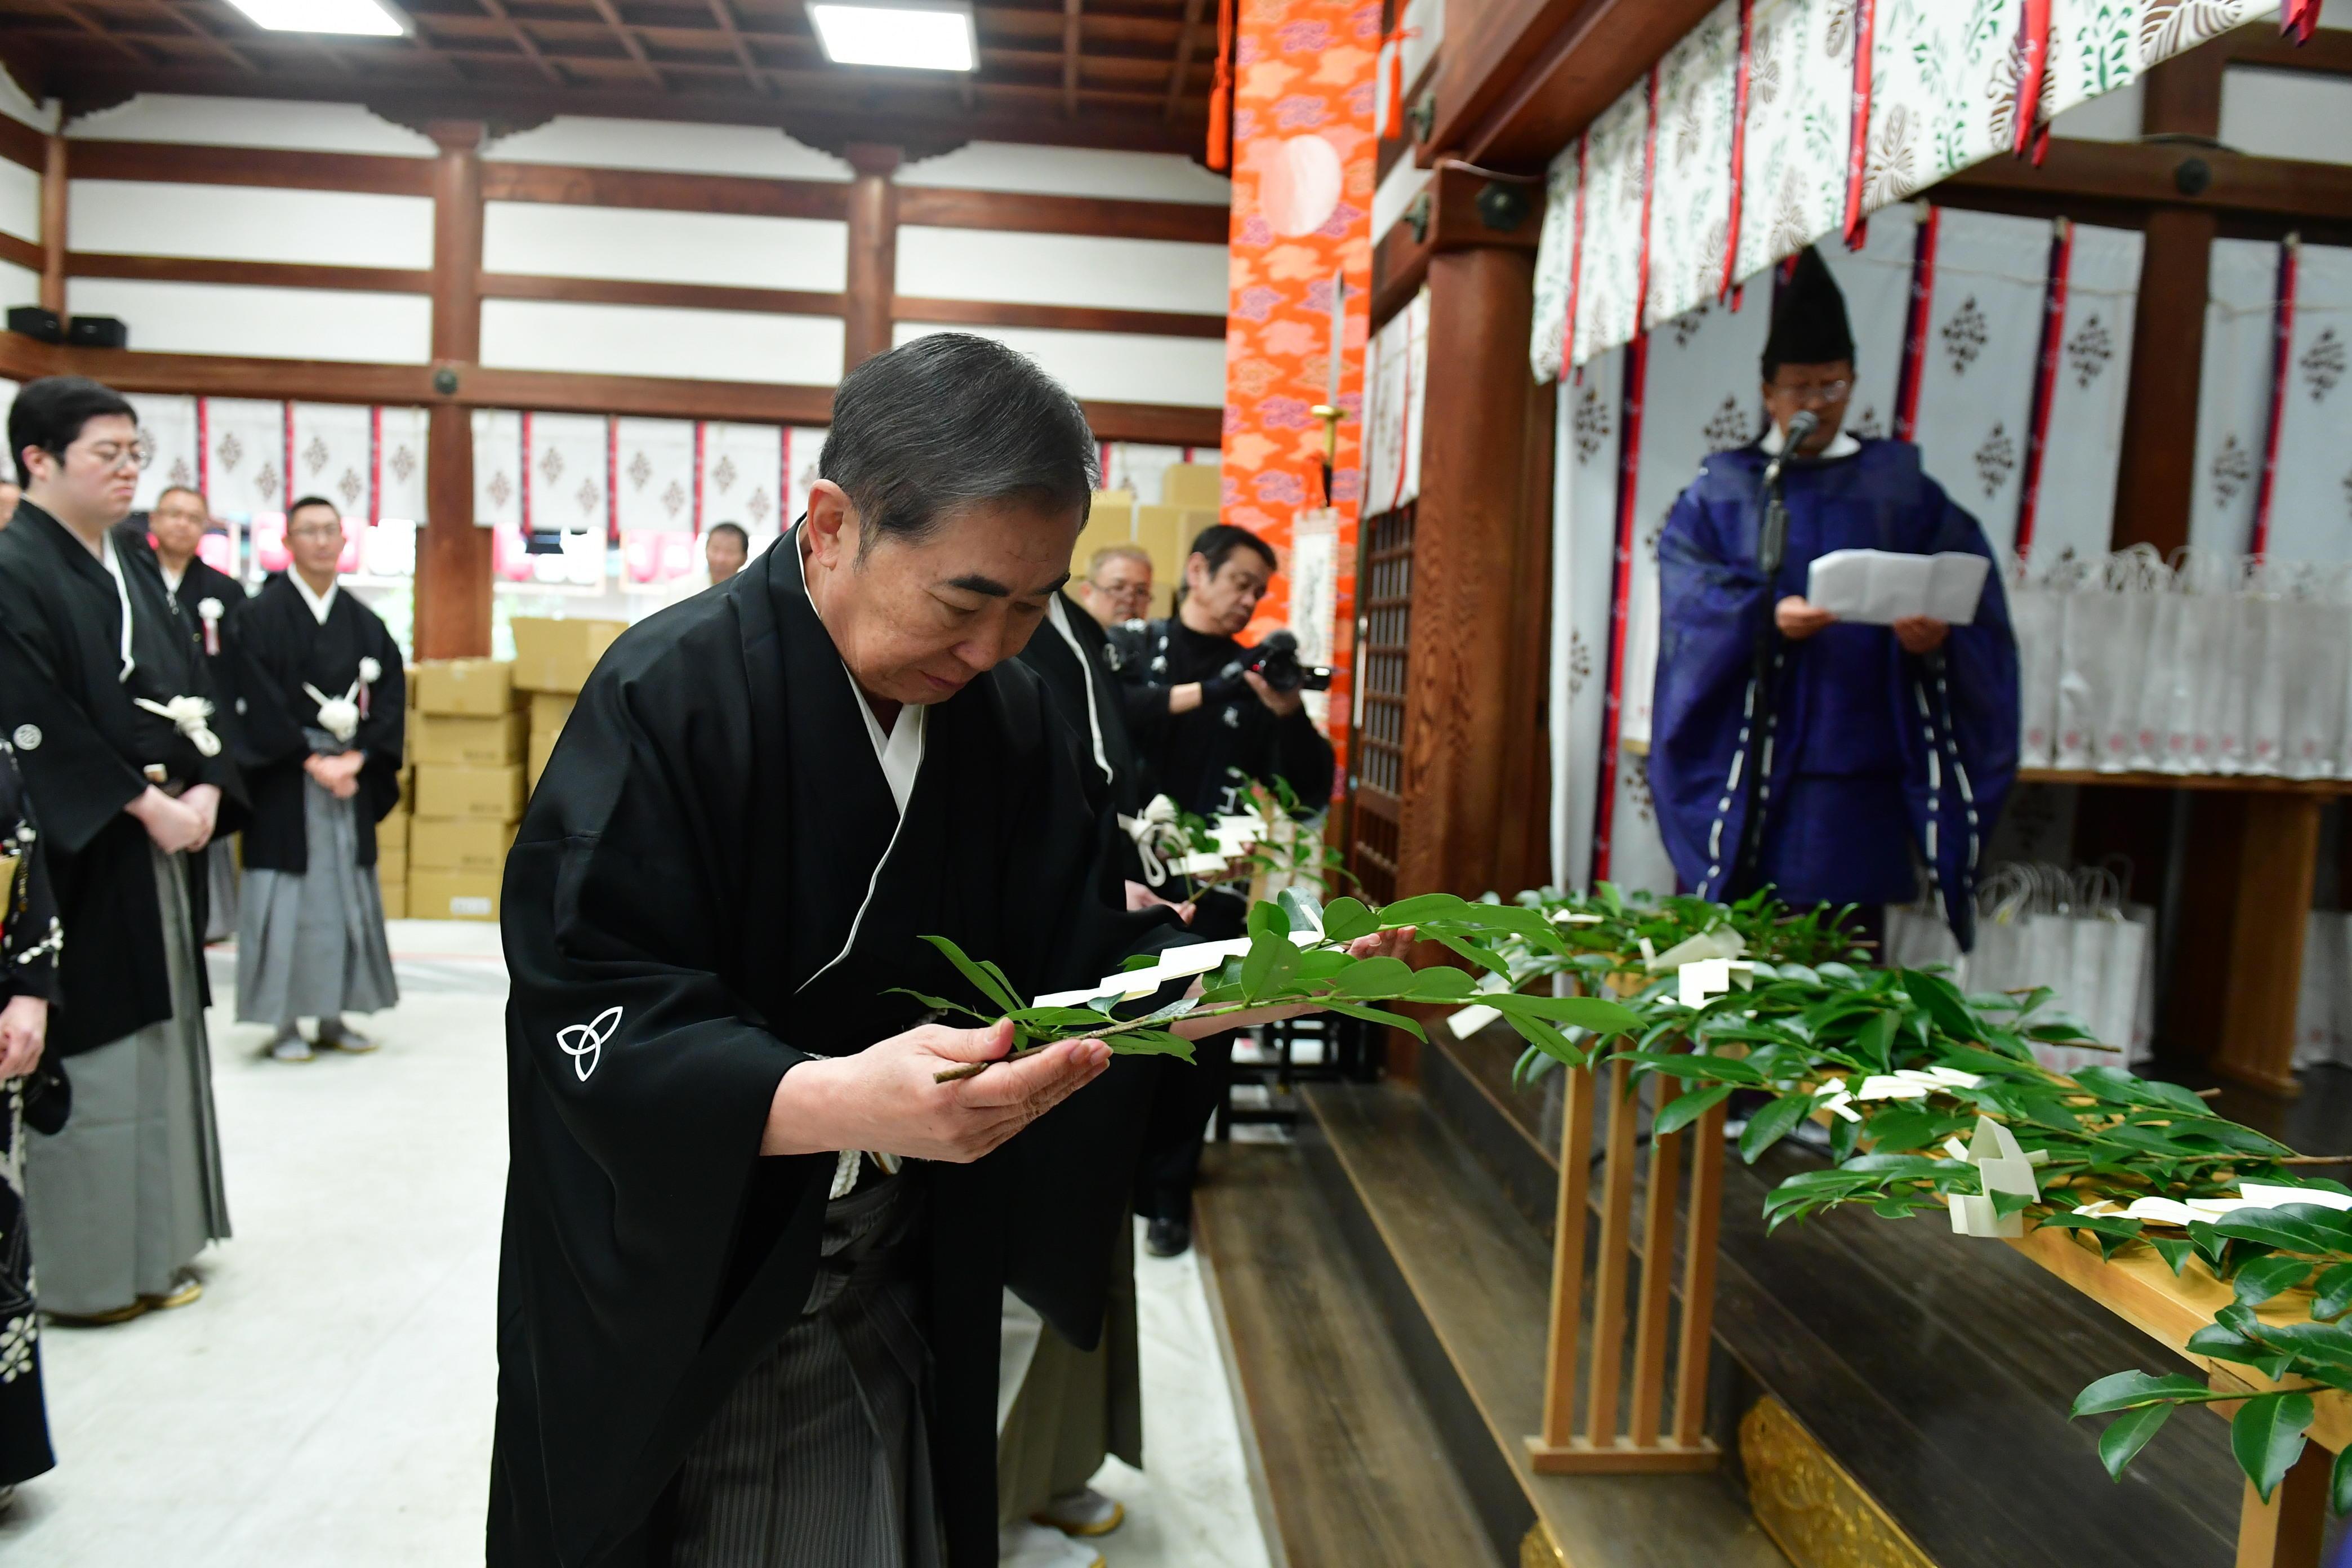 http://news.yoshimoto.co.jp/20190110200229-2e2e5a6cbc6bc33aefb3490c12fb757e48476b6c.jpg